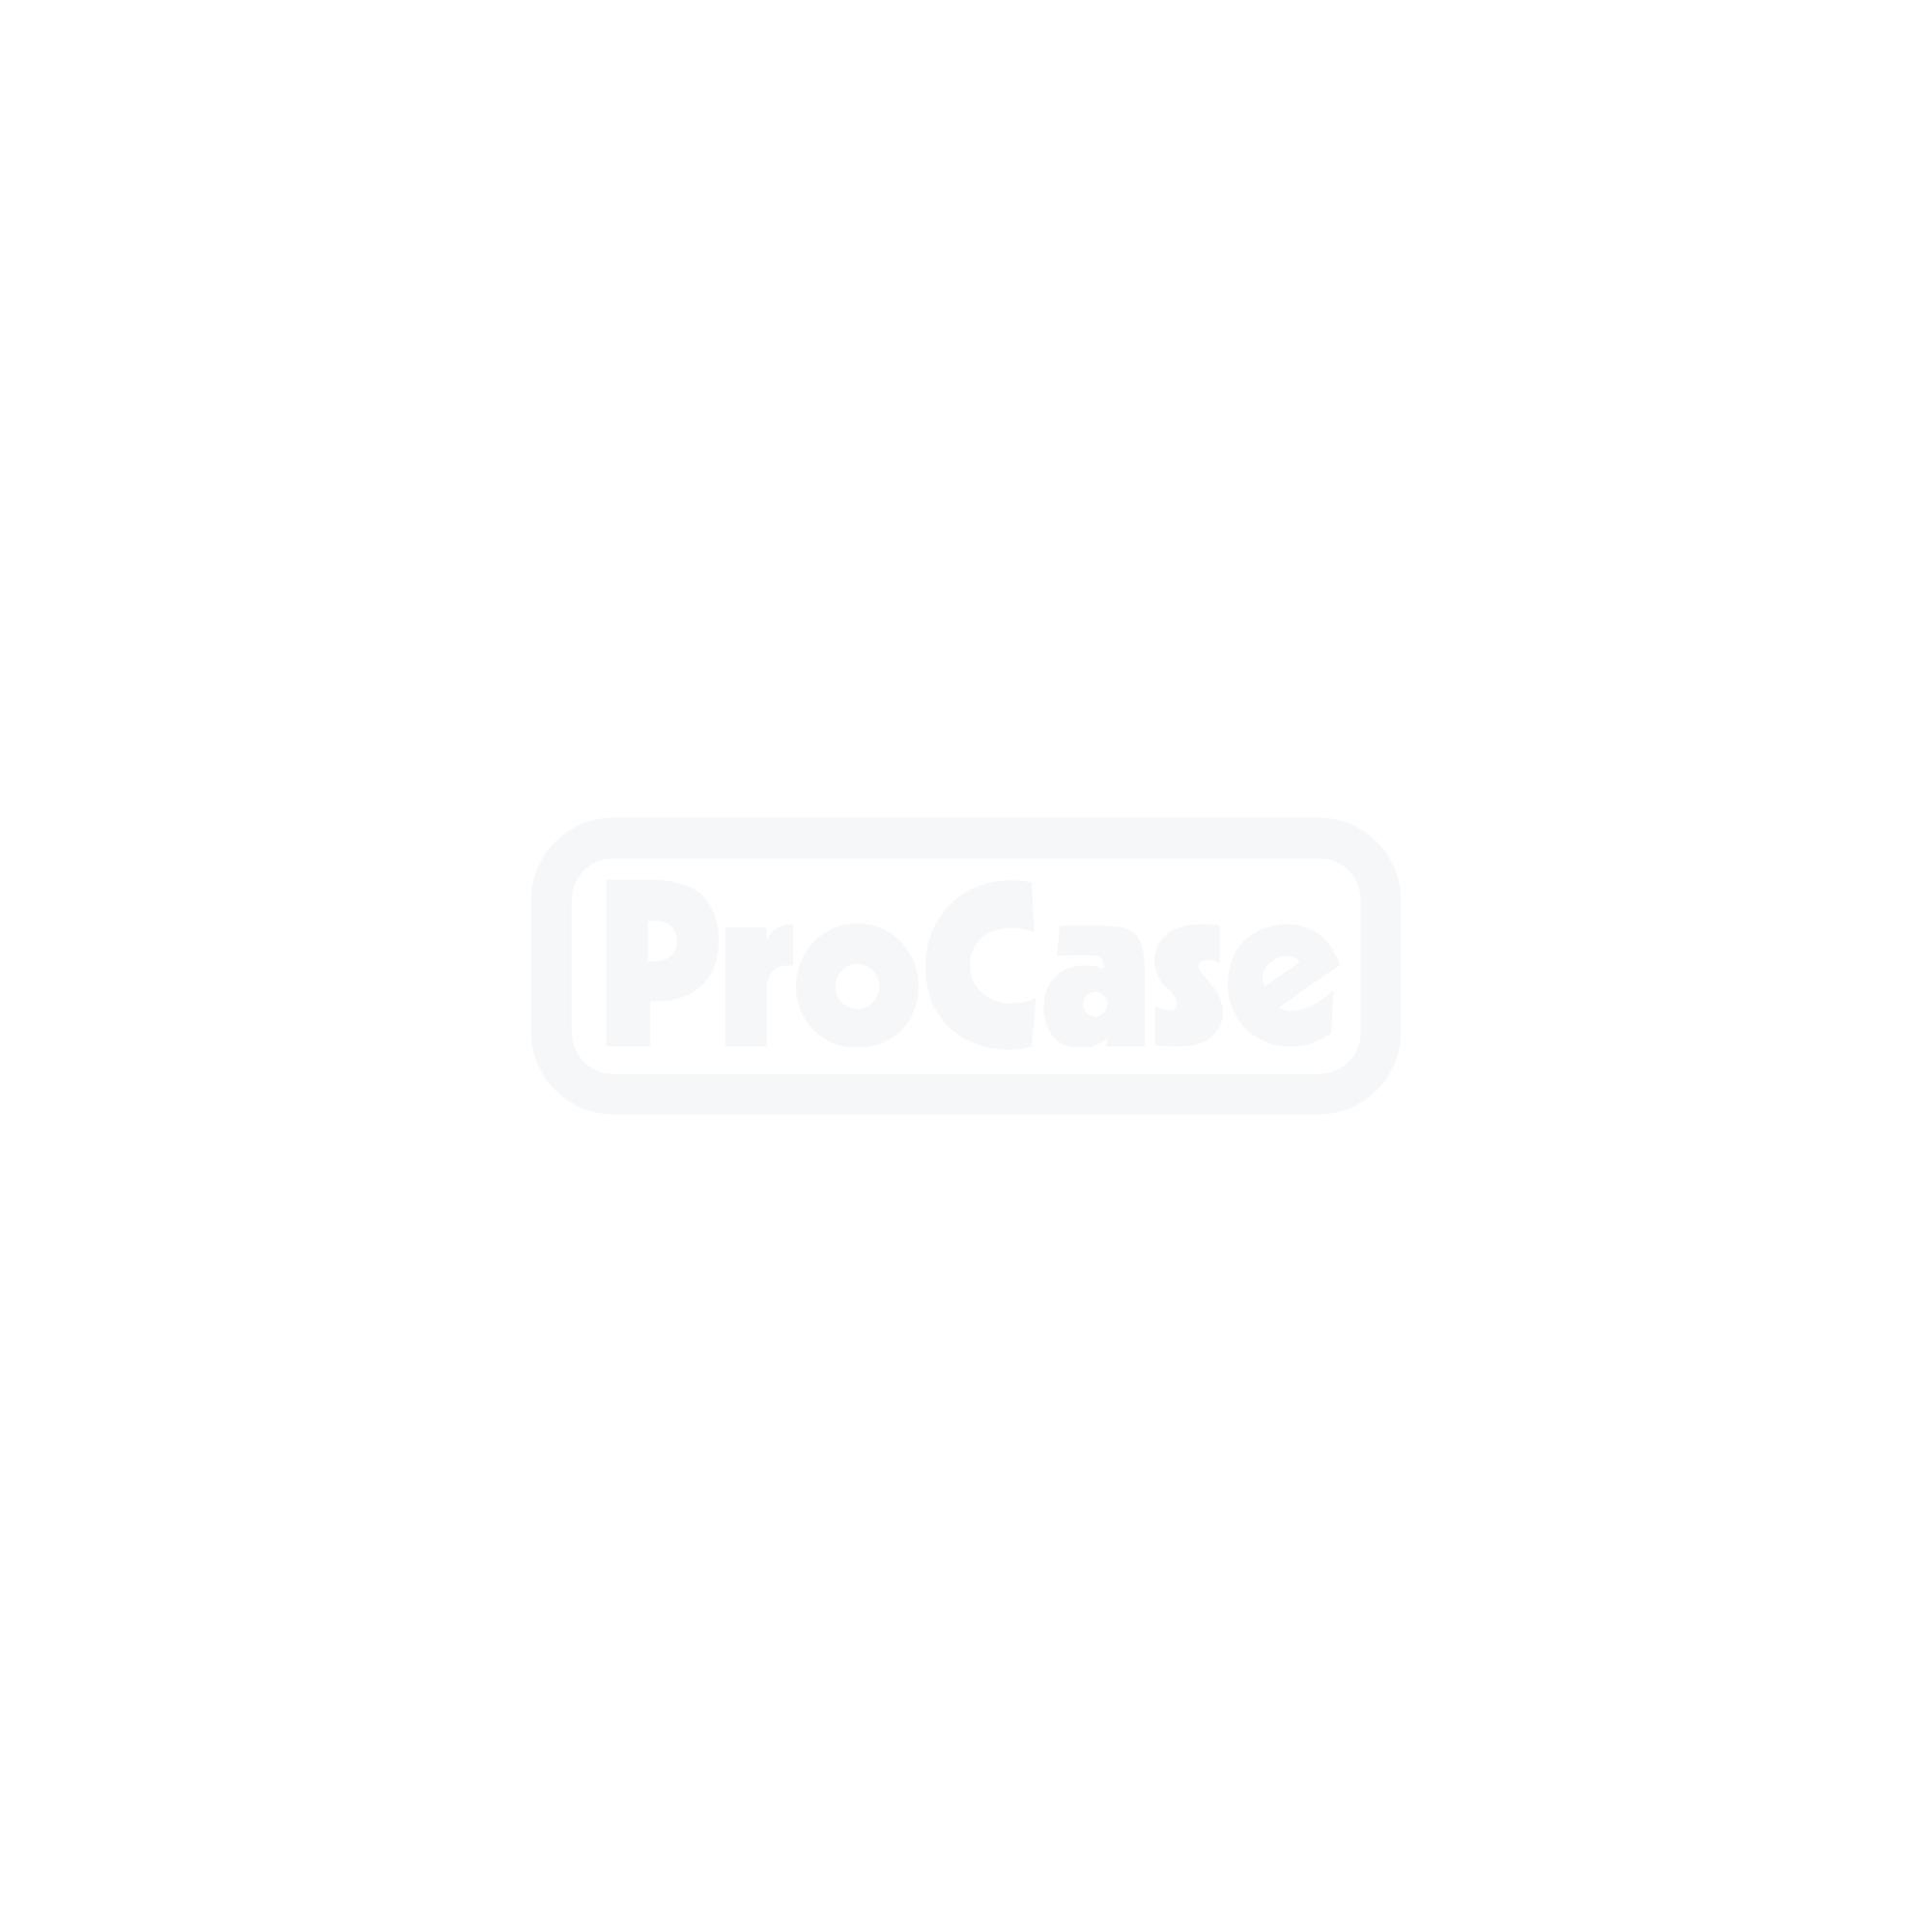 SKB 3i Koffer 2918-14 leer mit Trolley 4